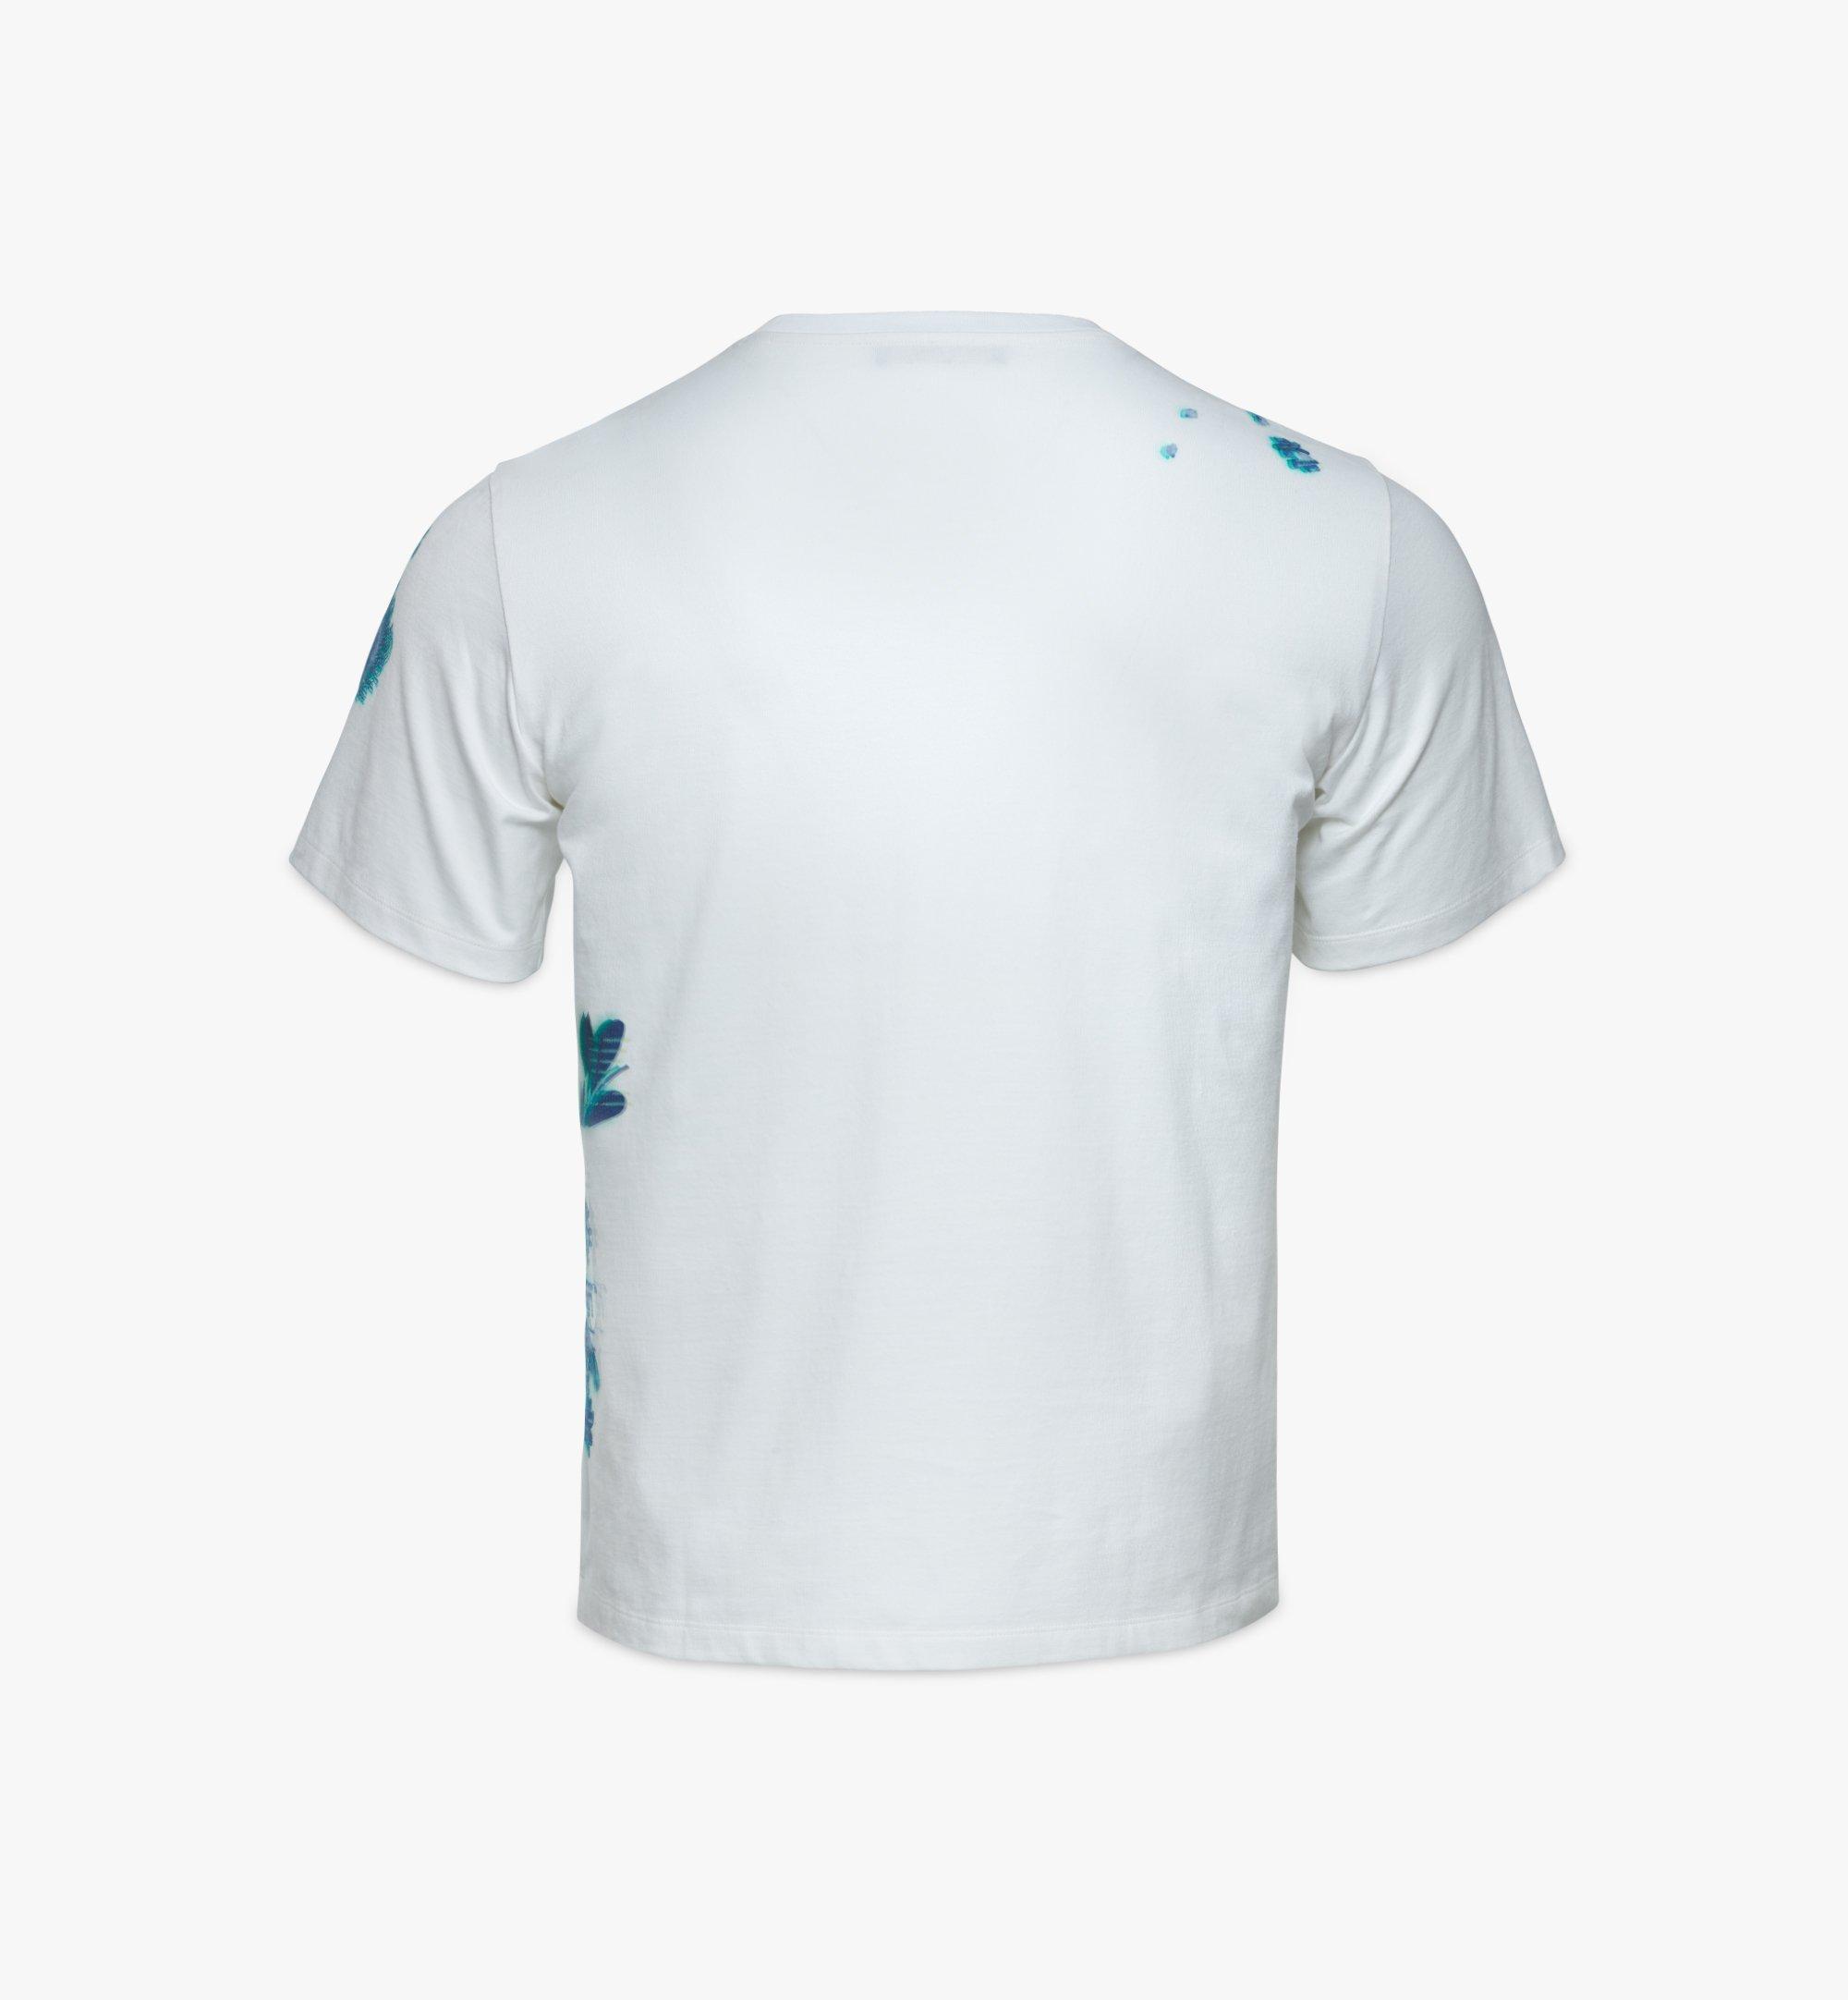 MCM เสื้อยืดพิมพ์ลาย Tech Flower สำหรับผู้ชาย White MHTBSMM07WT00M มุมมองอื่น 1